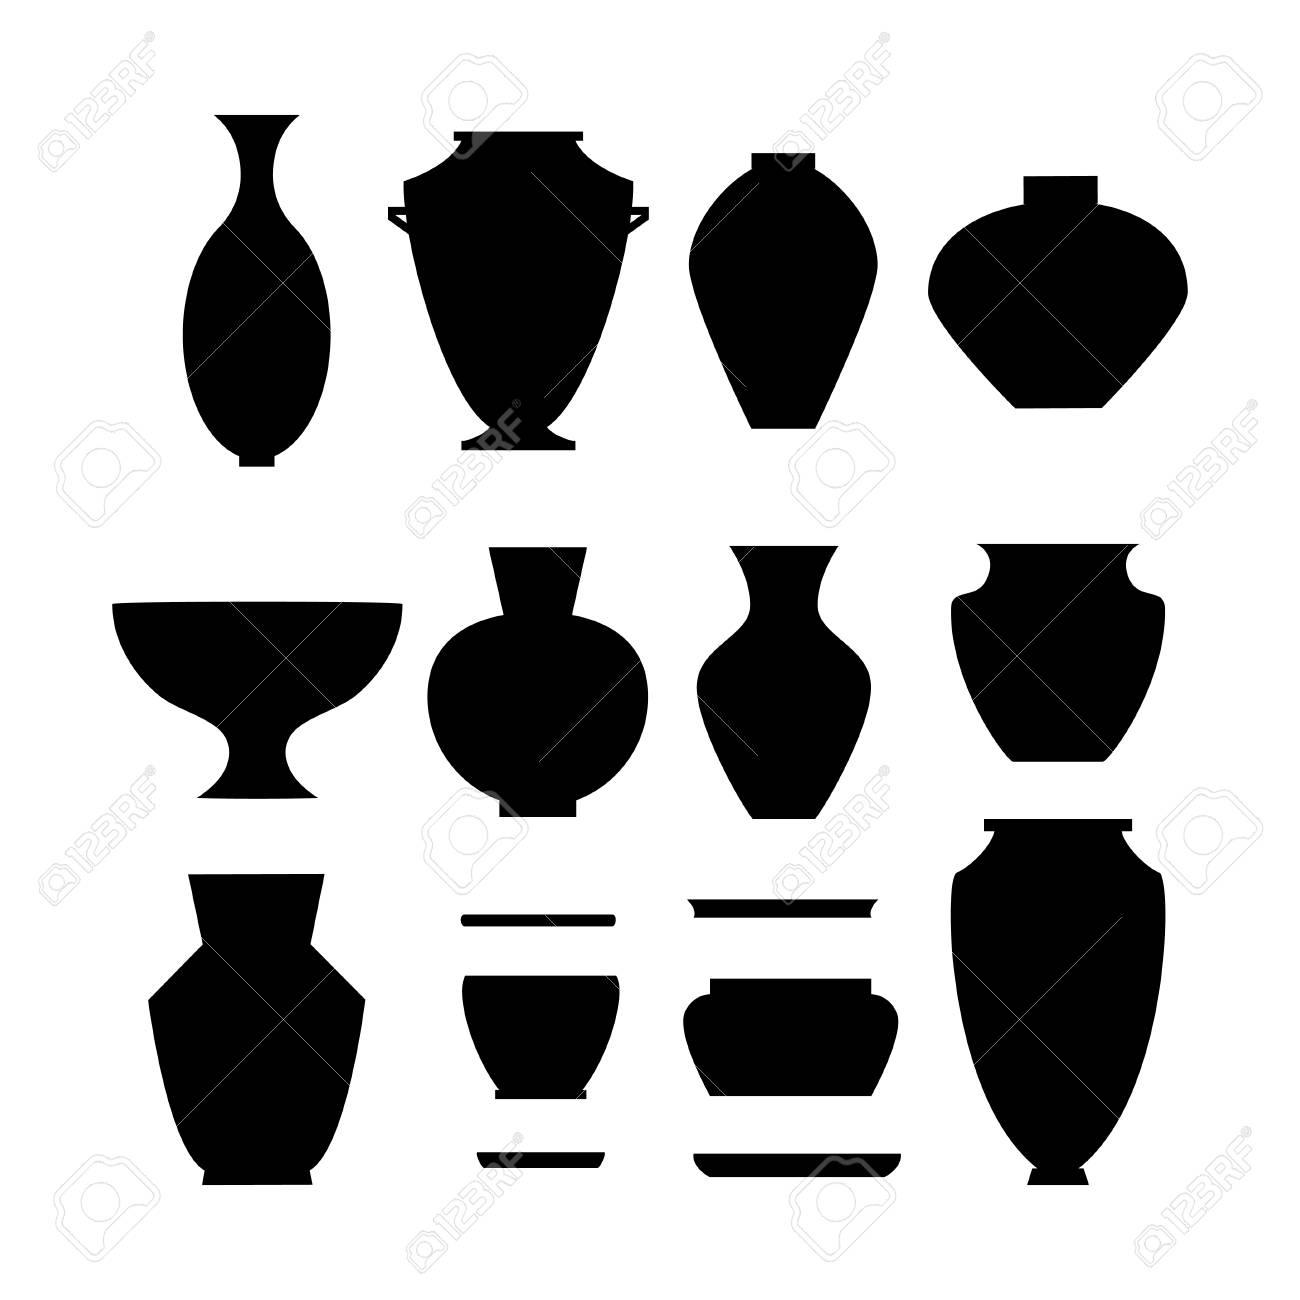 陶器のアイコンを設定します株式ベクトル古典的な鍋とボウル黒